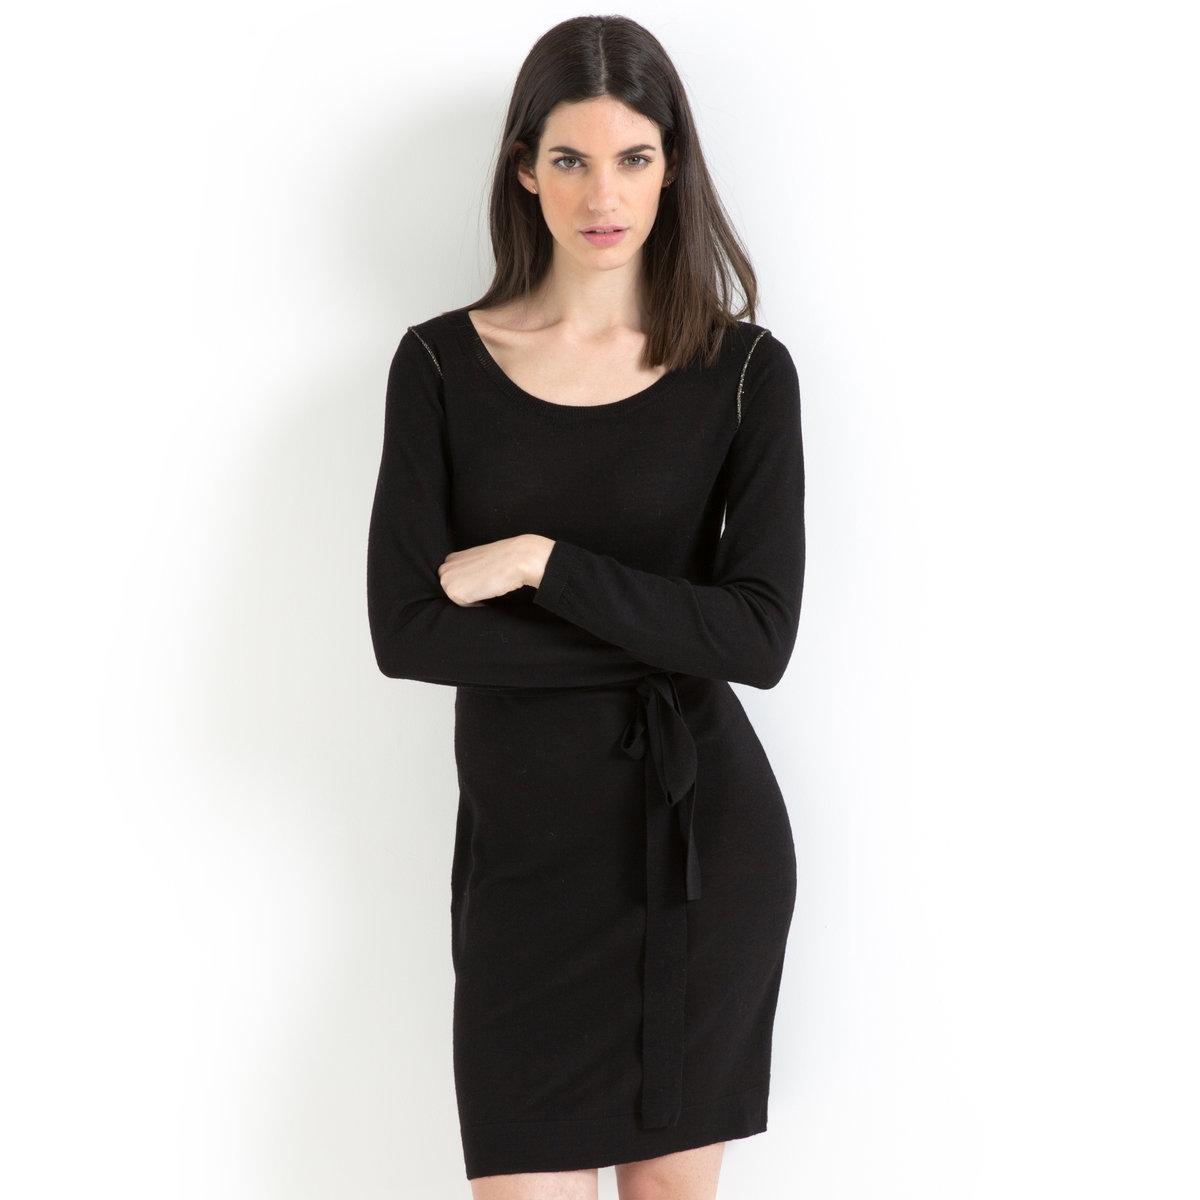 Платье-свитер прямого покроя, 100% мериносовой шерстиДанный товар отмечен знаком качества BEST.Качественные ткани, изысканные детали отделки и элегантный покрой, - так создается изделие высочайшего качества, которое будет радовать Вас при любых обстоятельствах.<br><br>Цвет: черный<br>Размер: 34/36 (FR) - 40/42 (RUS)